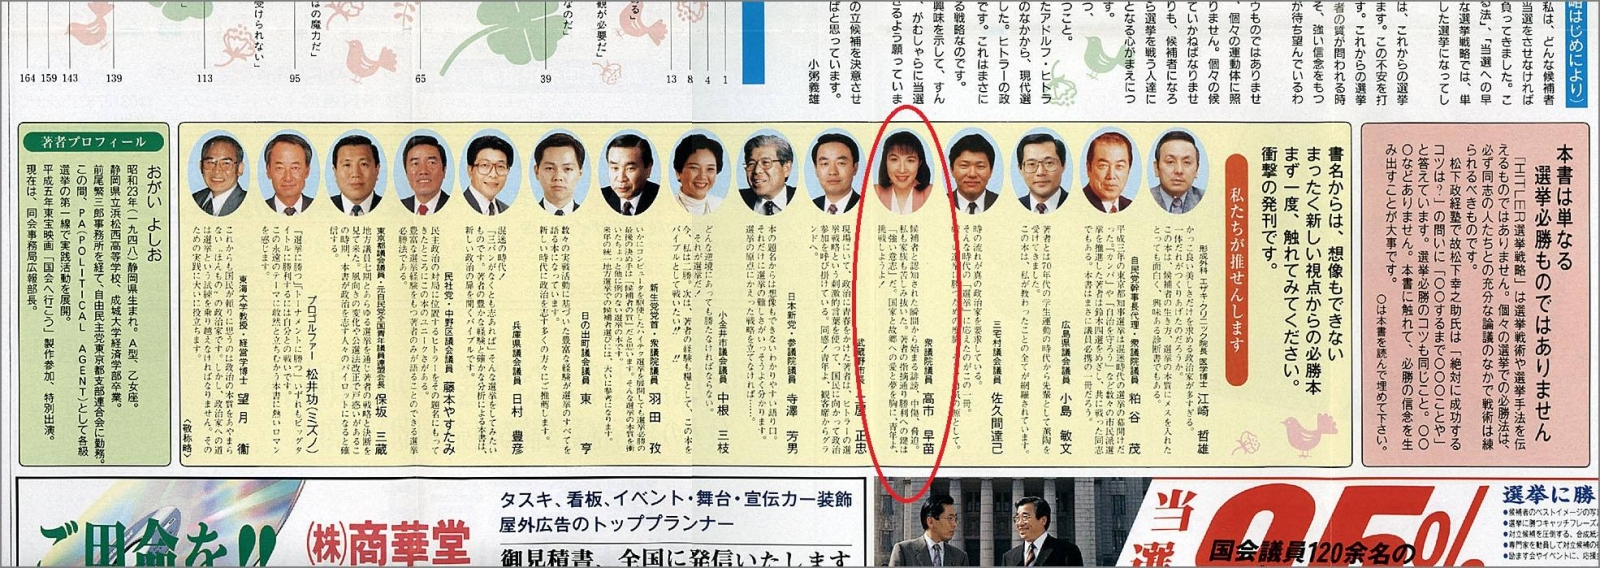 Sanae Takaichi Japan Hitler